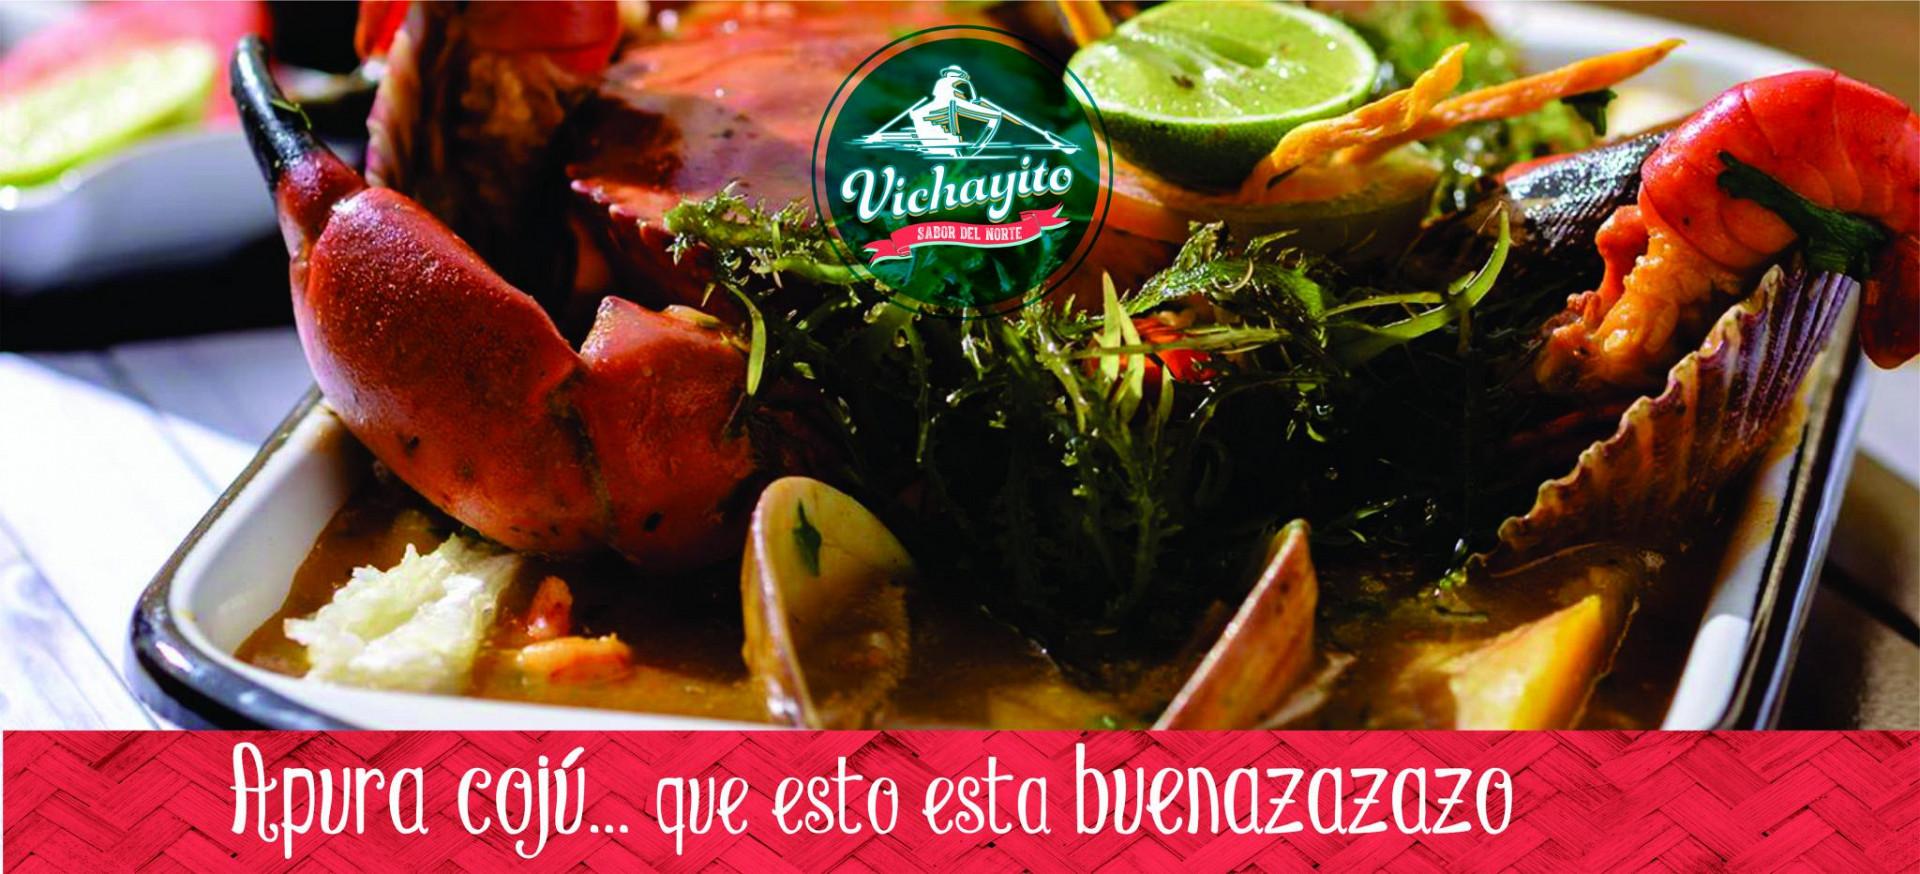 Fotos de Cevichería Restaurant Vichayito S.R.L.